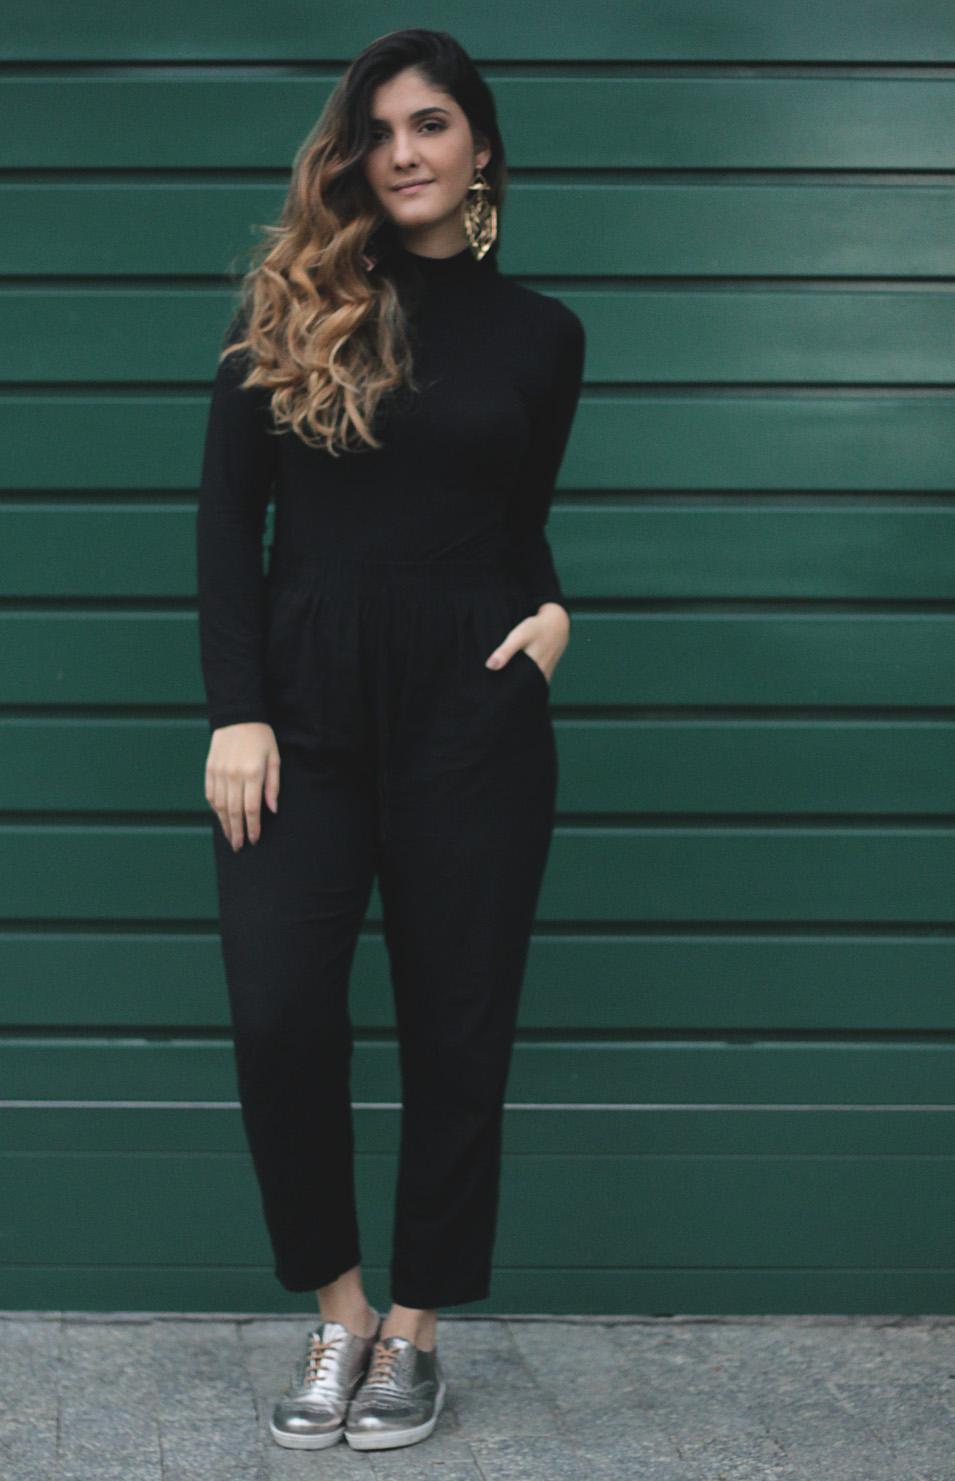 Estou Usando: Preto Simples - Talita Vieira - gola alta